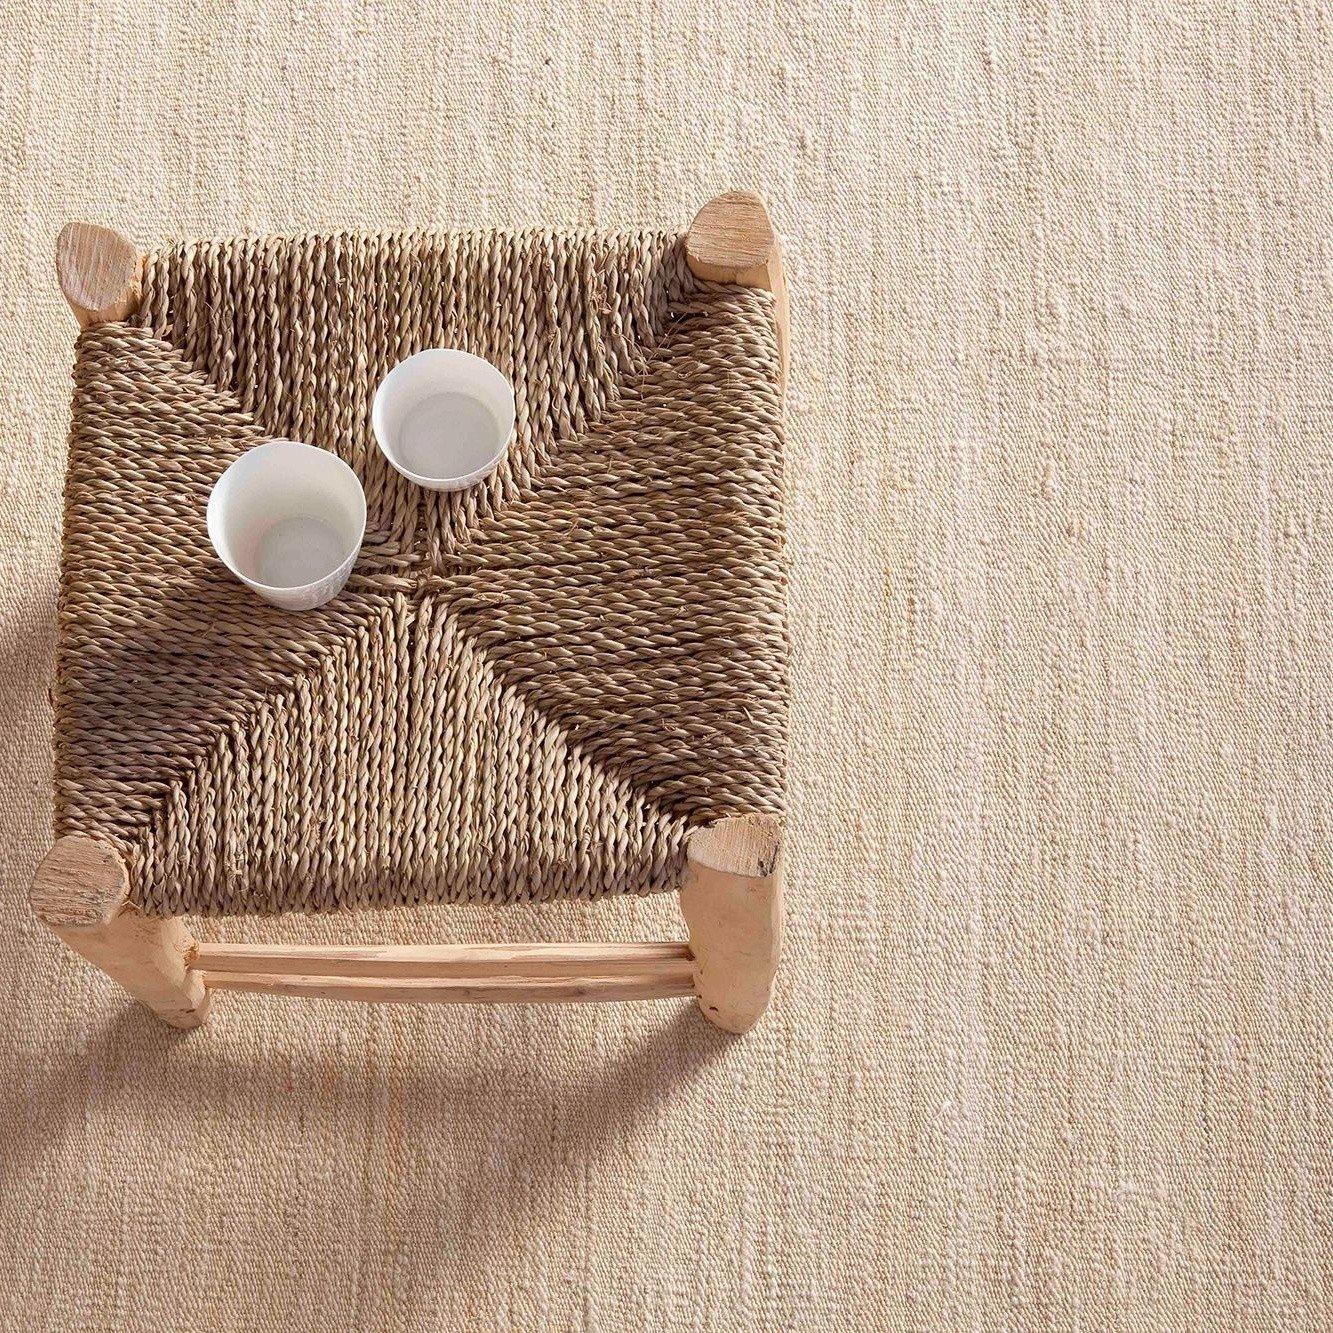 wollteppich teppich wolli x strick karo wollteppich schwarz grau handarbeit with wollteppich. Black Bedroom Furniture Sets. Home Design Ideas